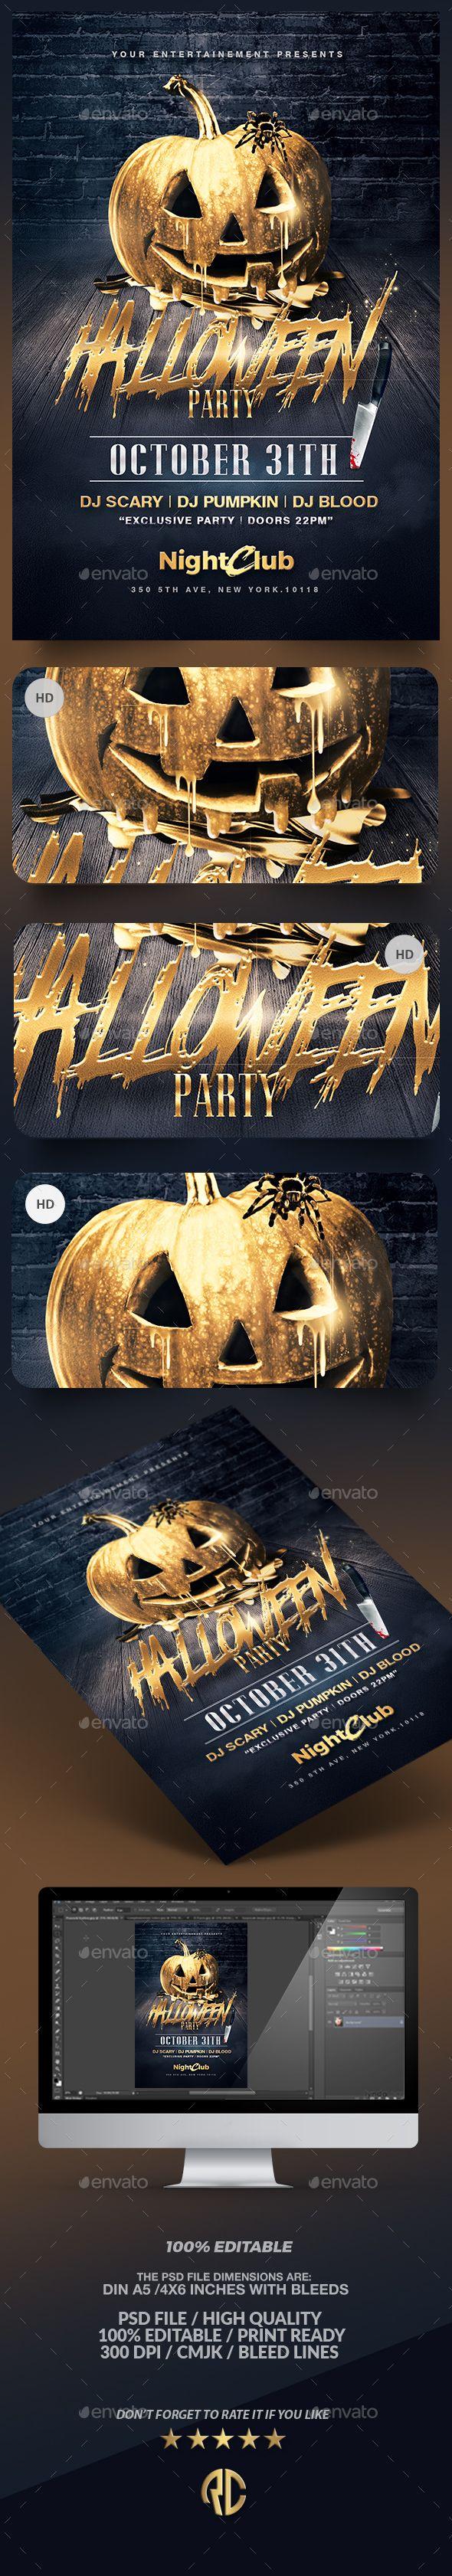 Halloween Party | Gold Pumpkin Flyer Template PSD